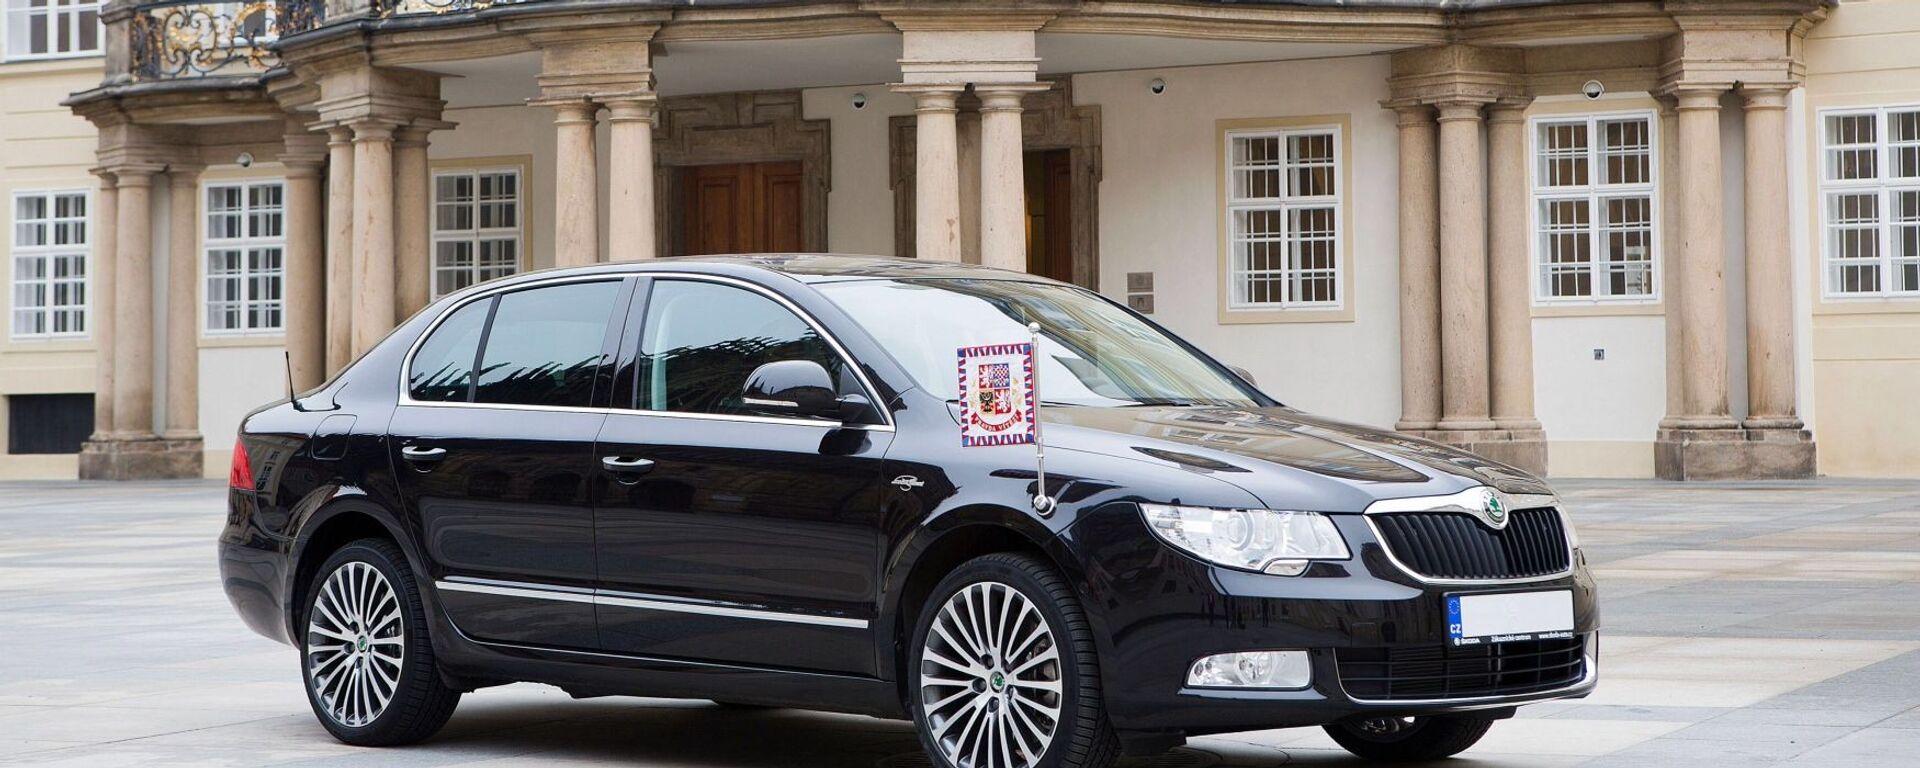 Automobilka Škoda darovala Zemanovi 3,6litrovou verzi Škoda Superb v maximální výbavě. Pro zmínku, na rozdíl od mnoha jiných hlav států Zeman na ní jezdí bez majáčku a průvodu - Sputnik Česká republika, 1920, 15.07.2021